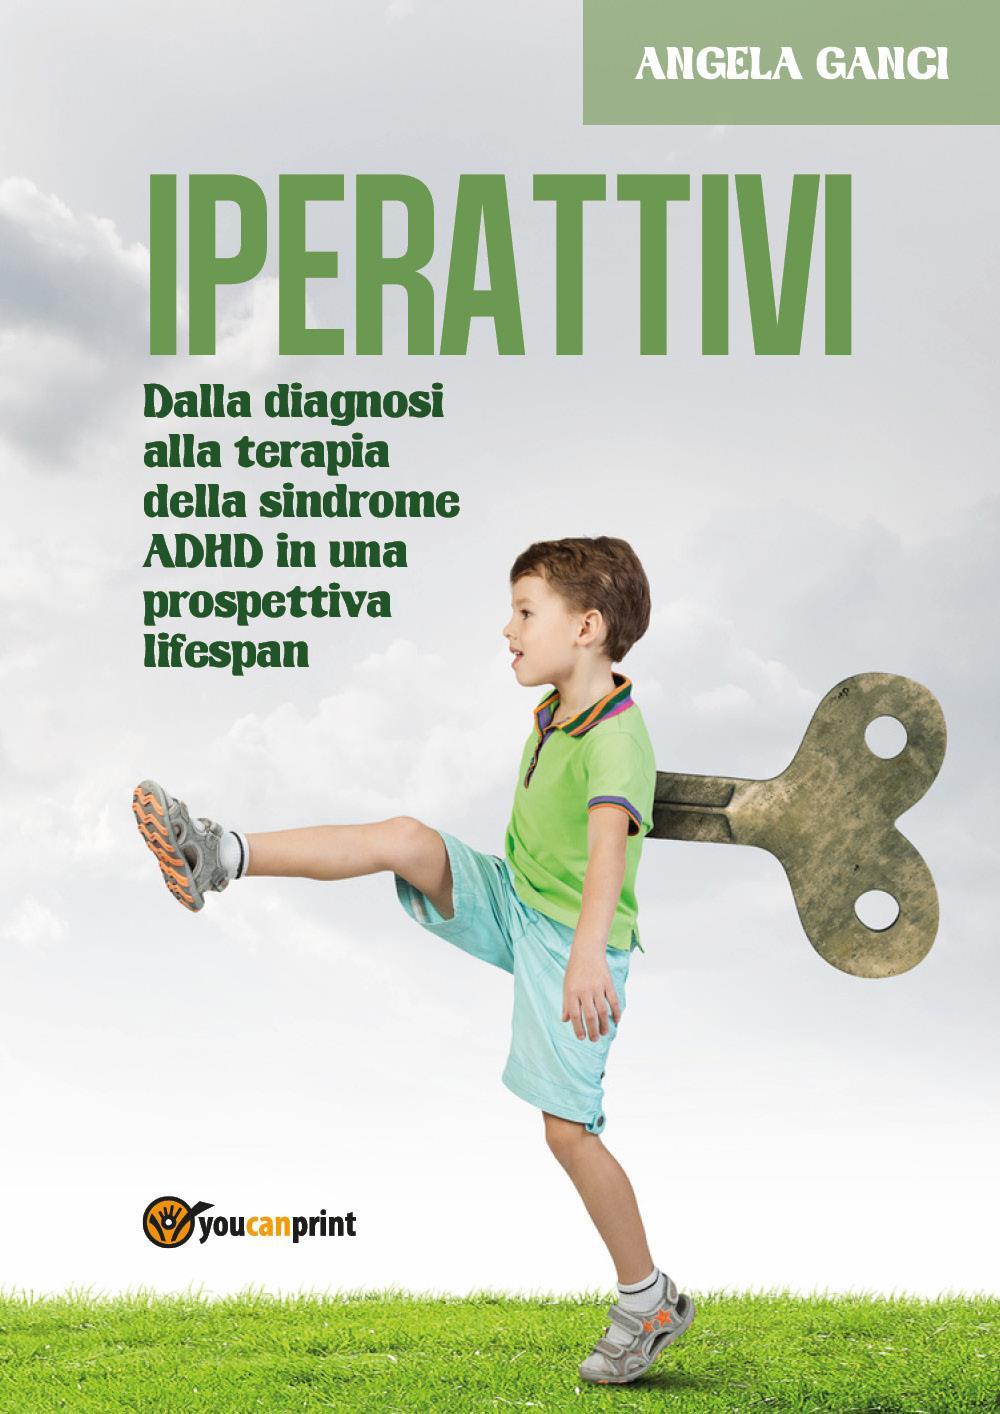 Iperattivi. Dalla diagnosi alla terapia della sindrome Adhd in una prospettiva Lifespan